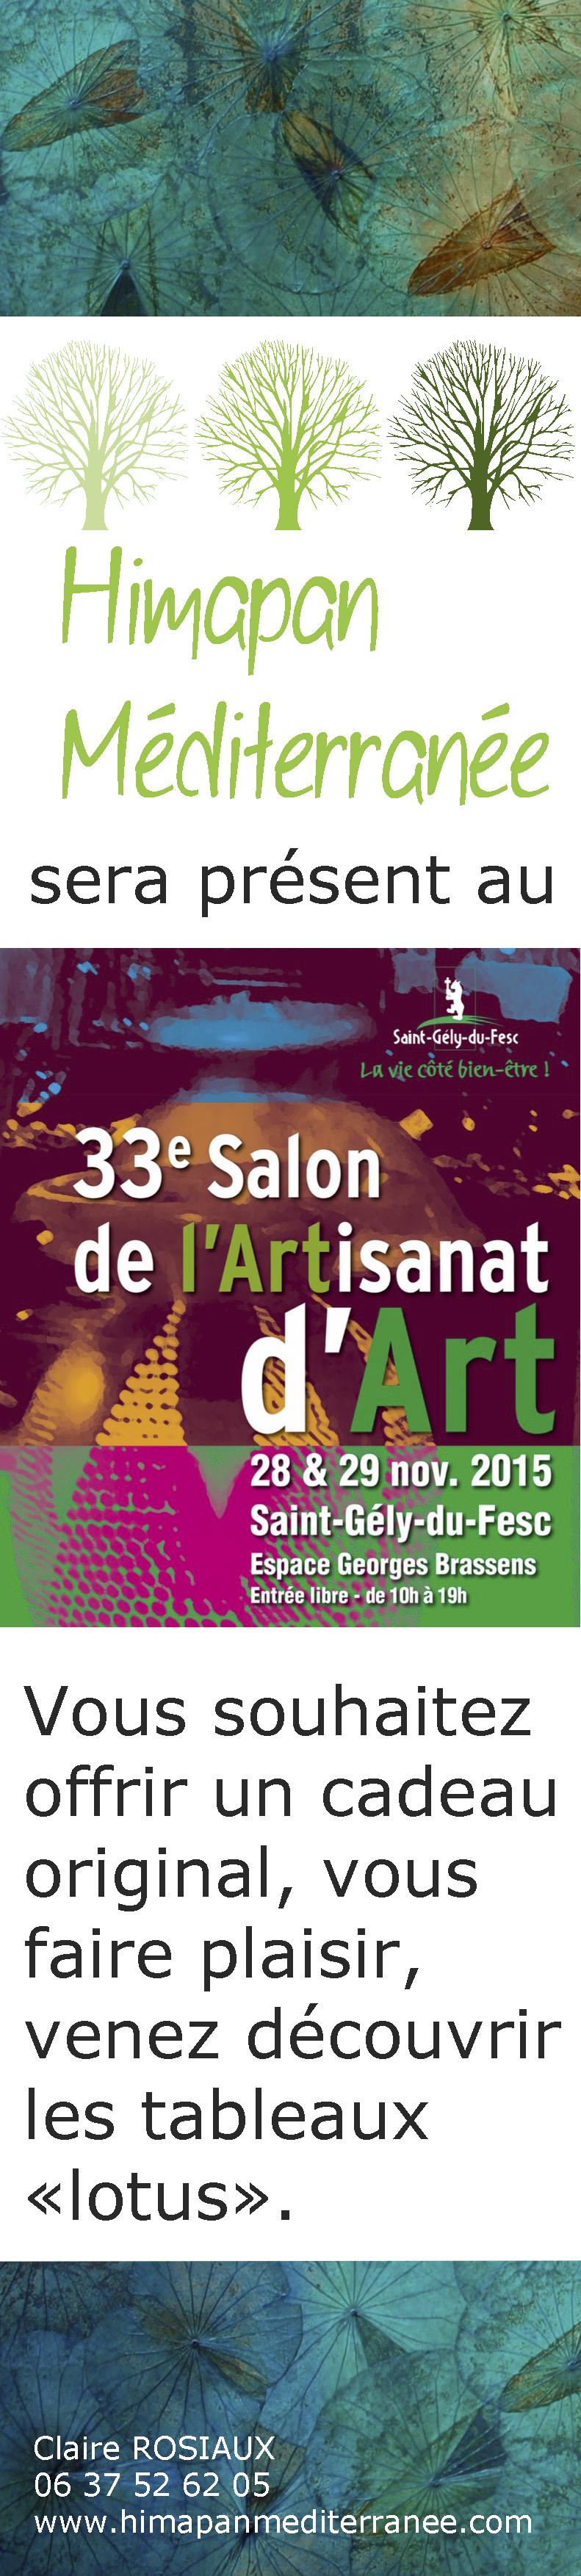 Himapan m diterran e au salon de l 39 artisanat d 39 art de st - Salon de la chasse saint gely du fesc ...